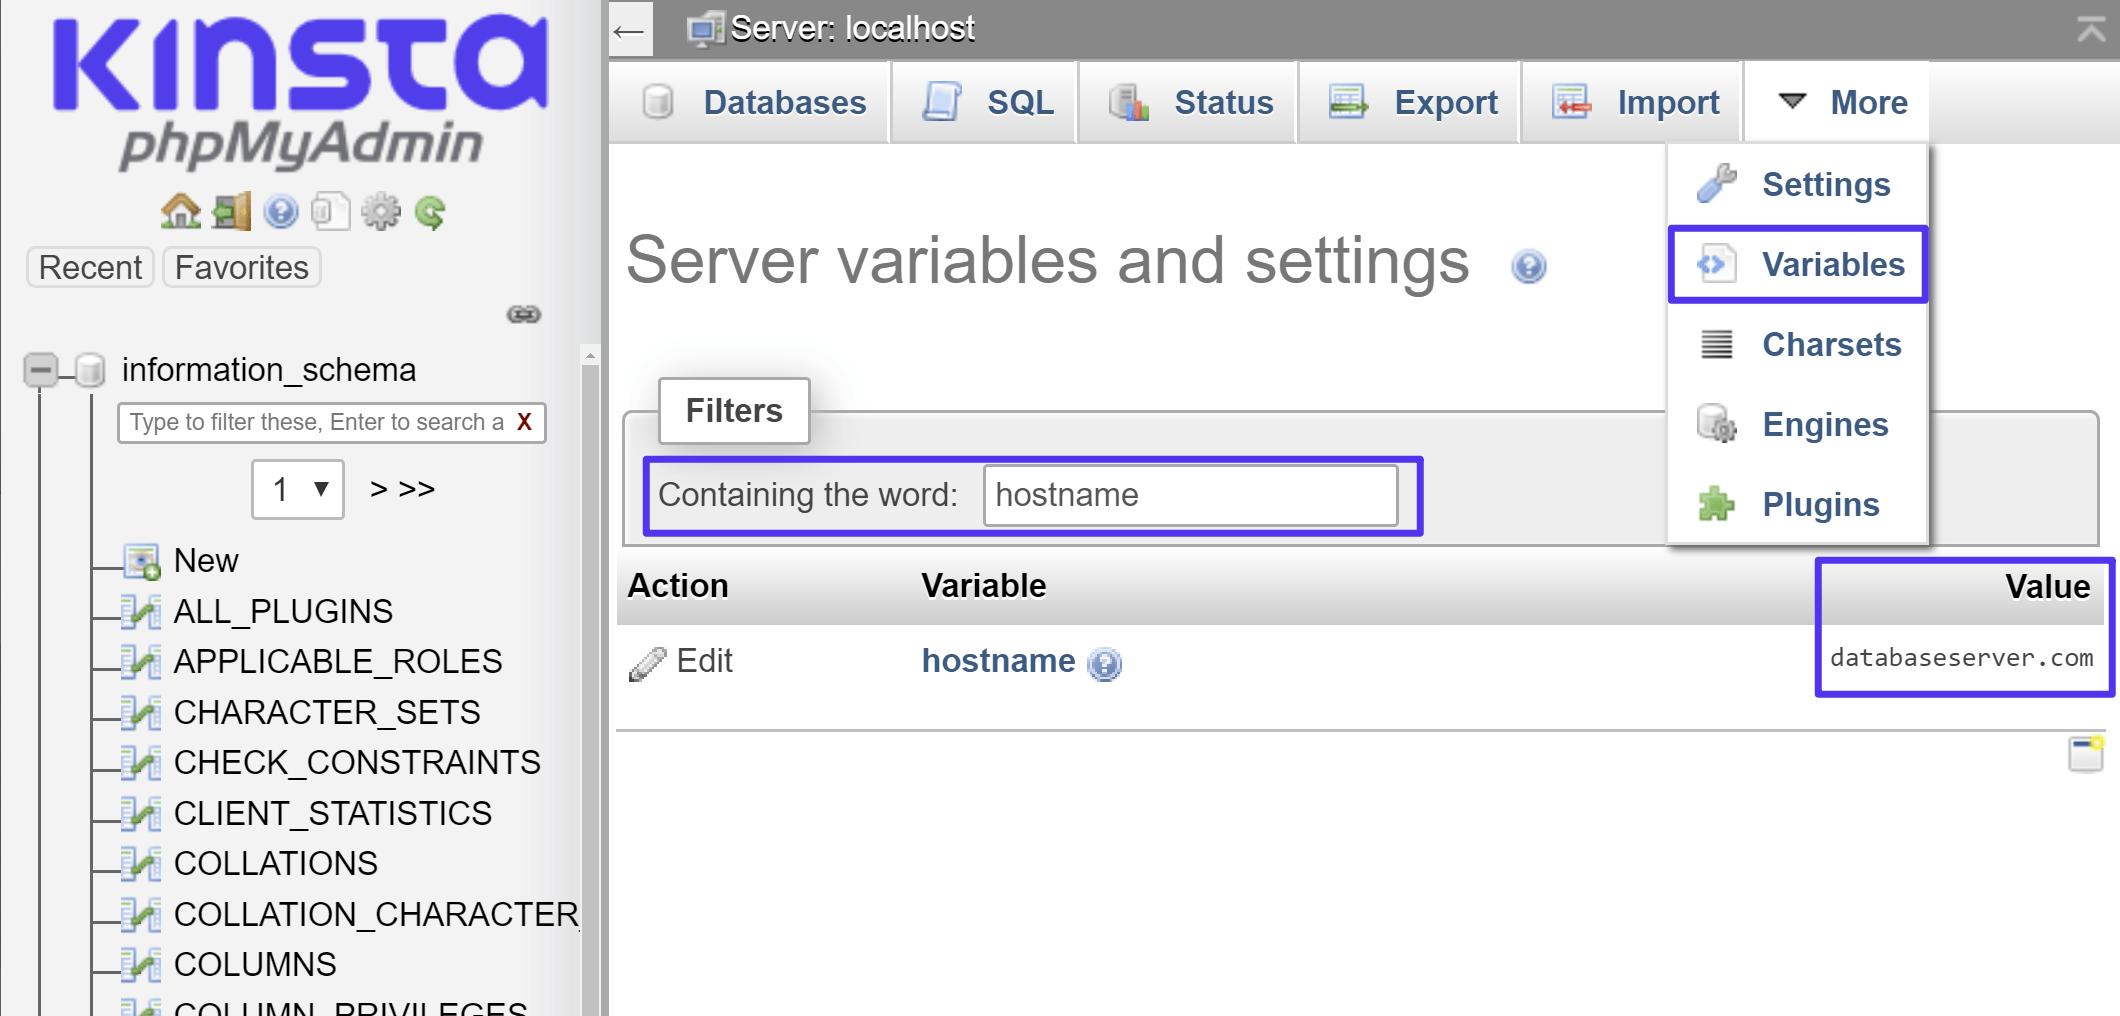 Come trovare la variabile hostname in phpMyAdmin